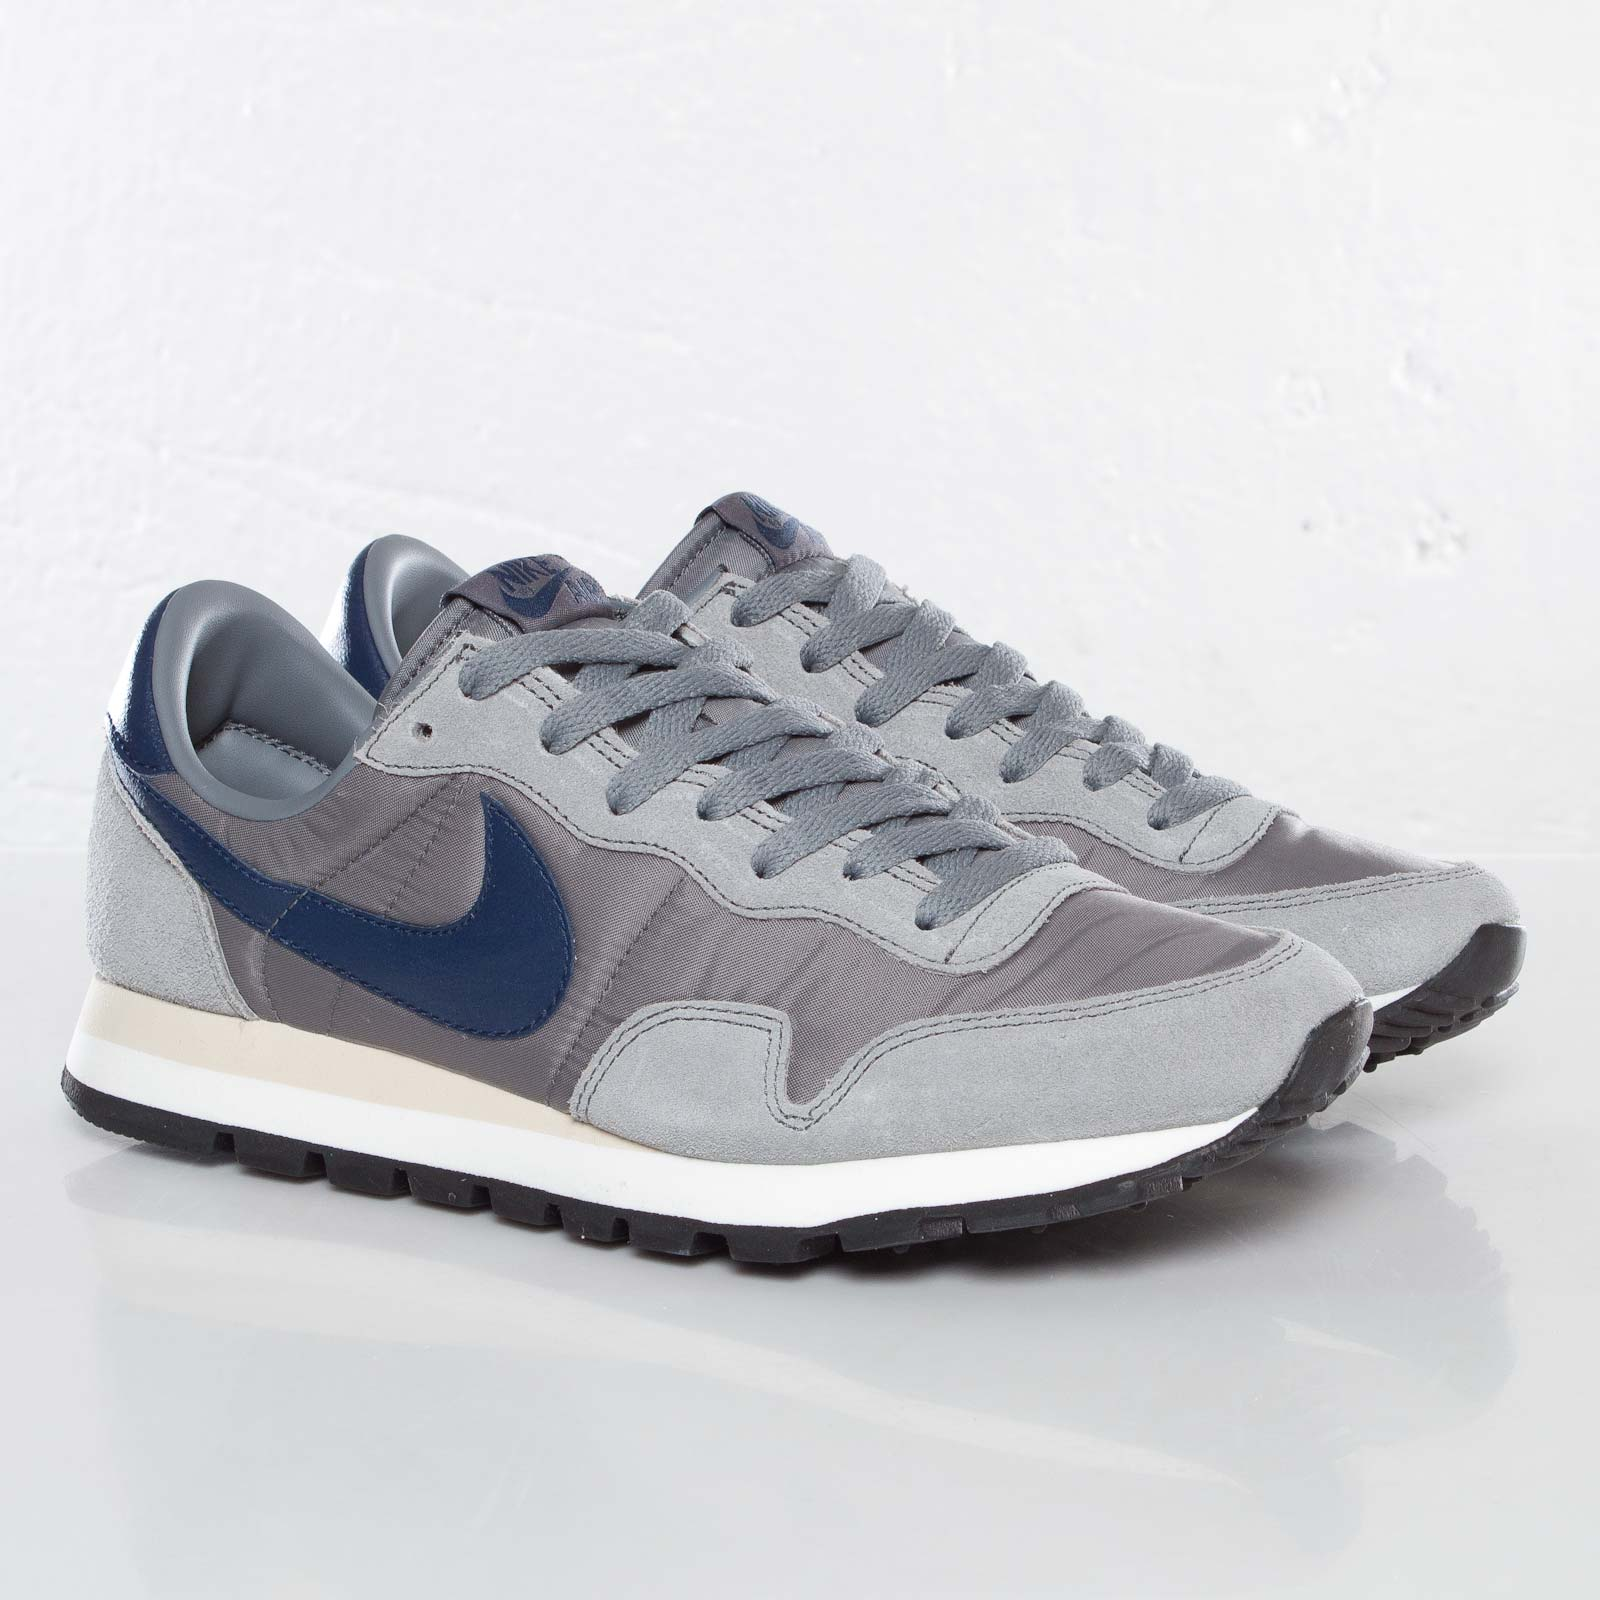 0ba49802c87 Nike Air Pegasus 83 QS - 604838-001 - Sneakersnstuff